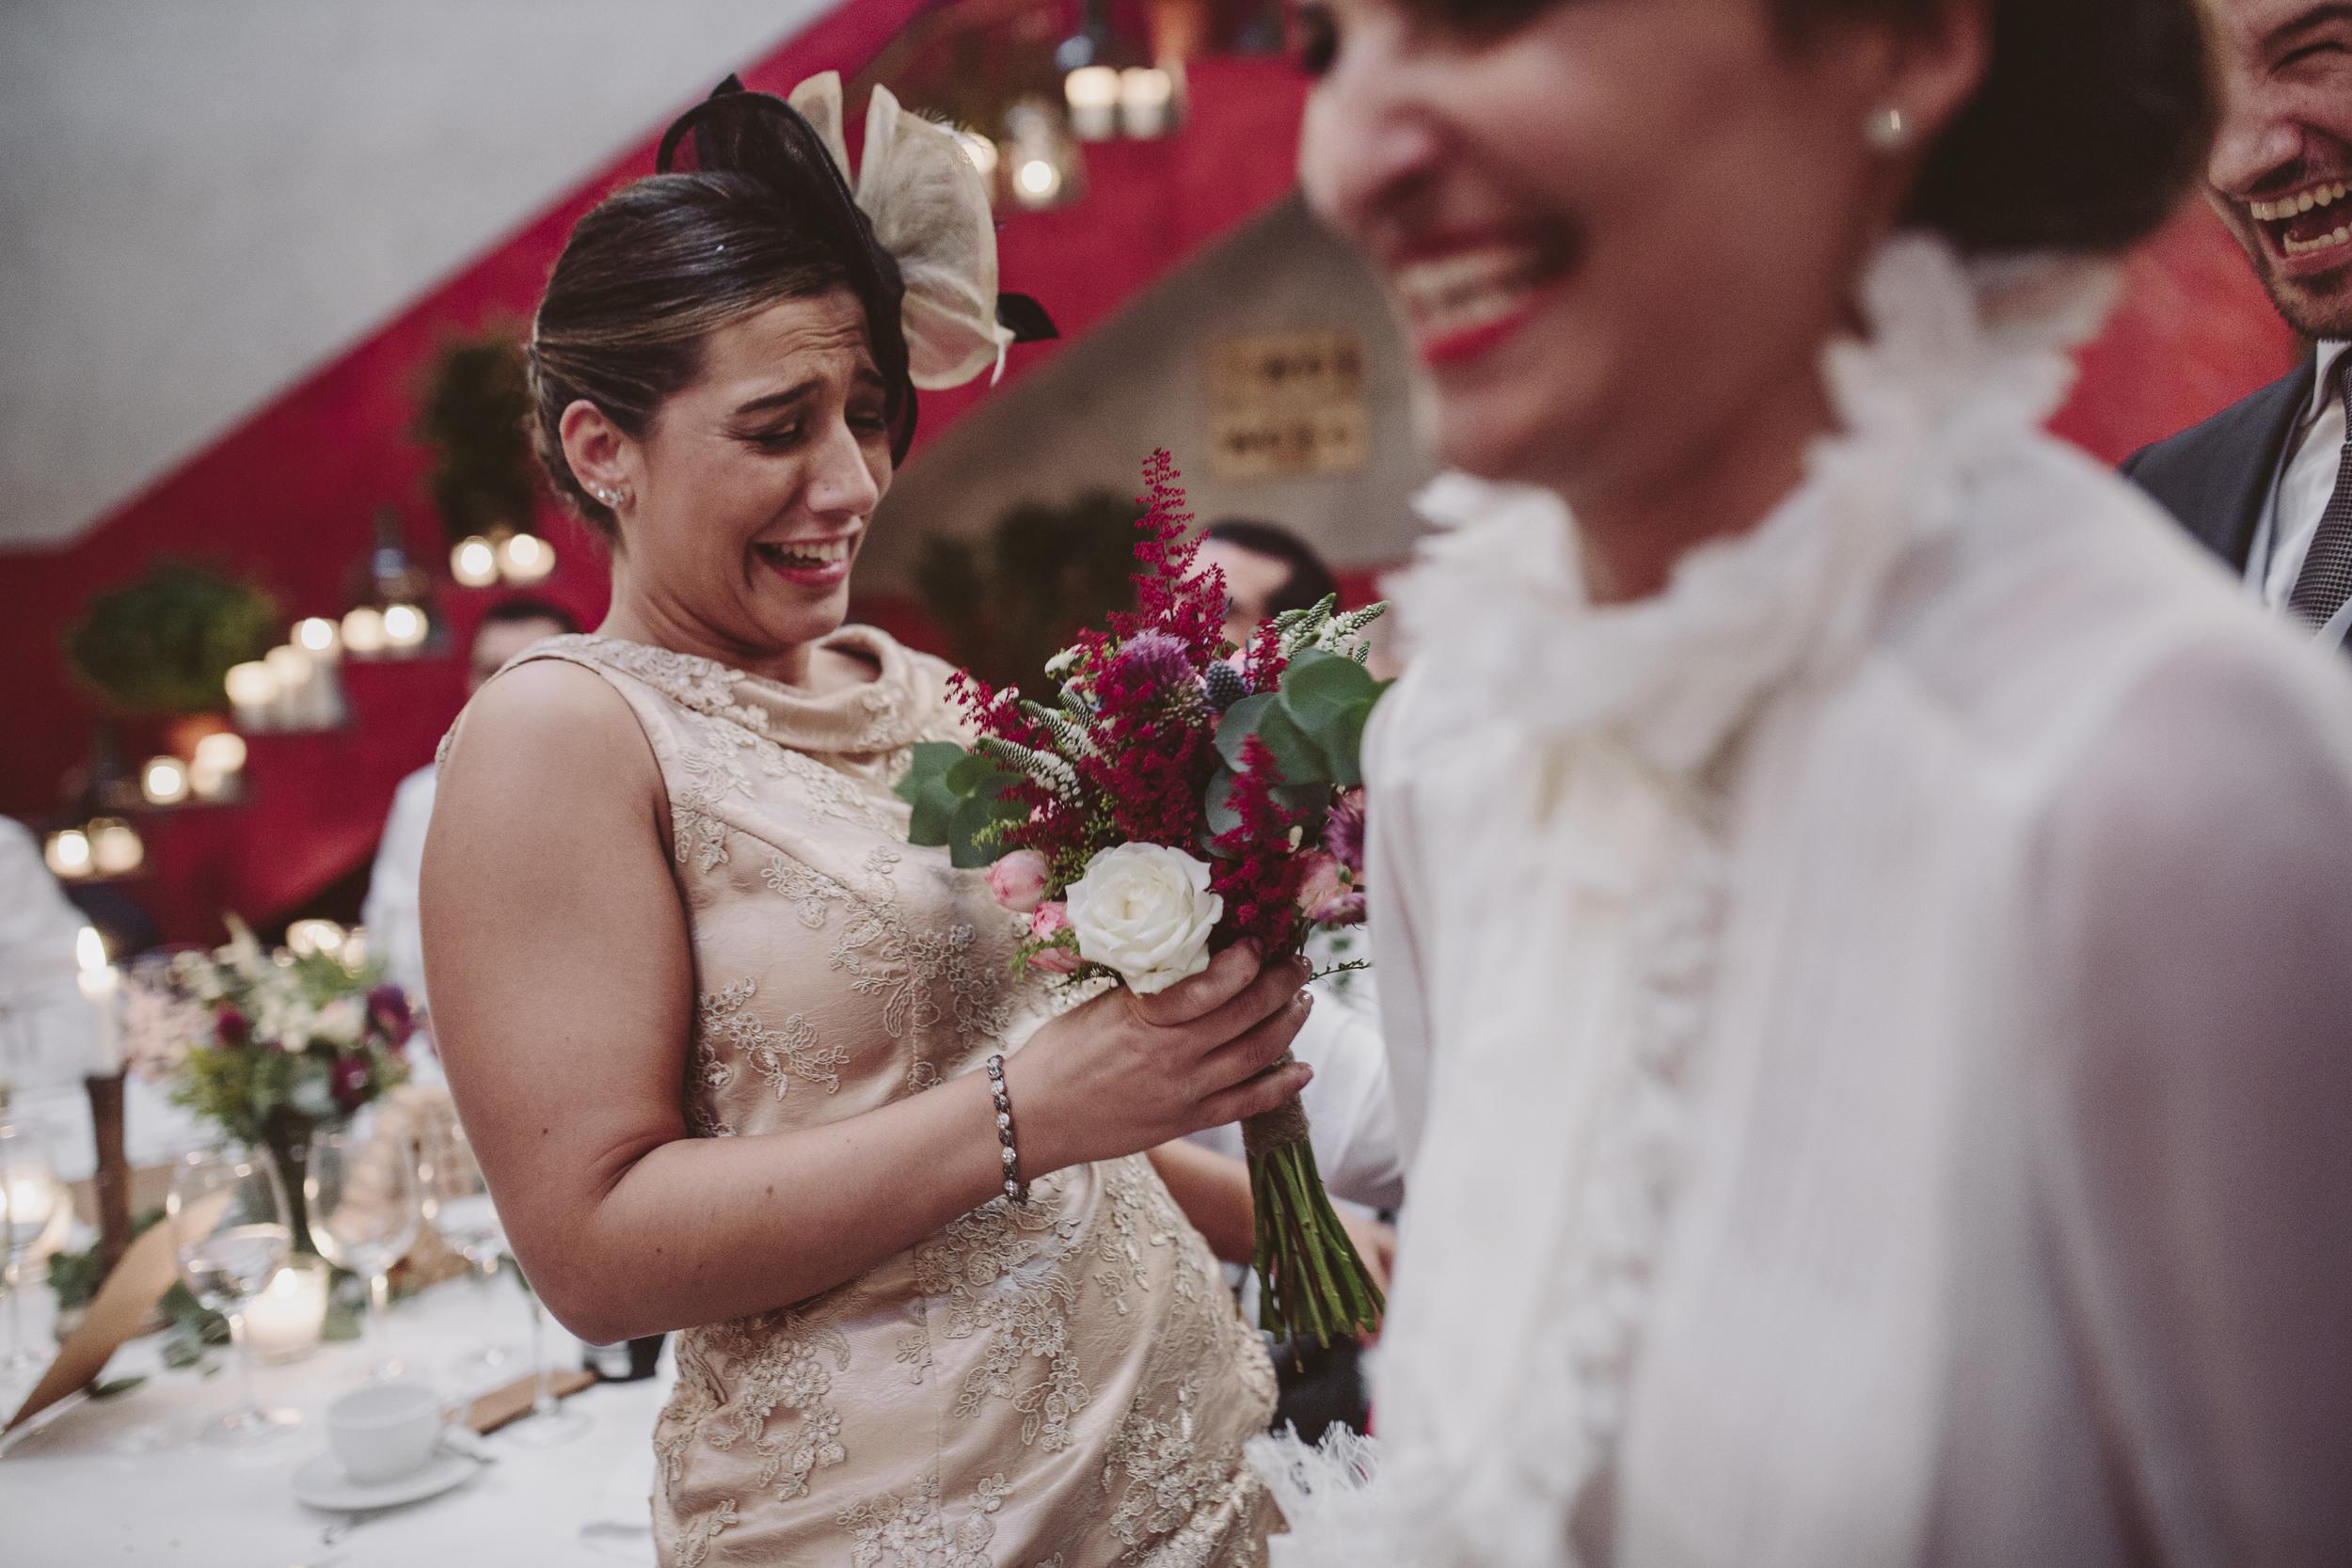 Fotografo bodas Pontevedra Graciela Vilagudin 657.jpg